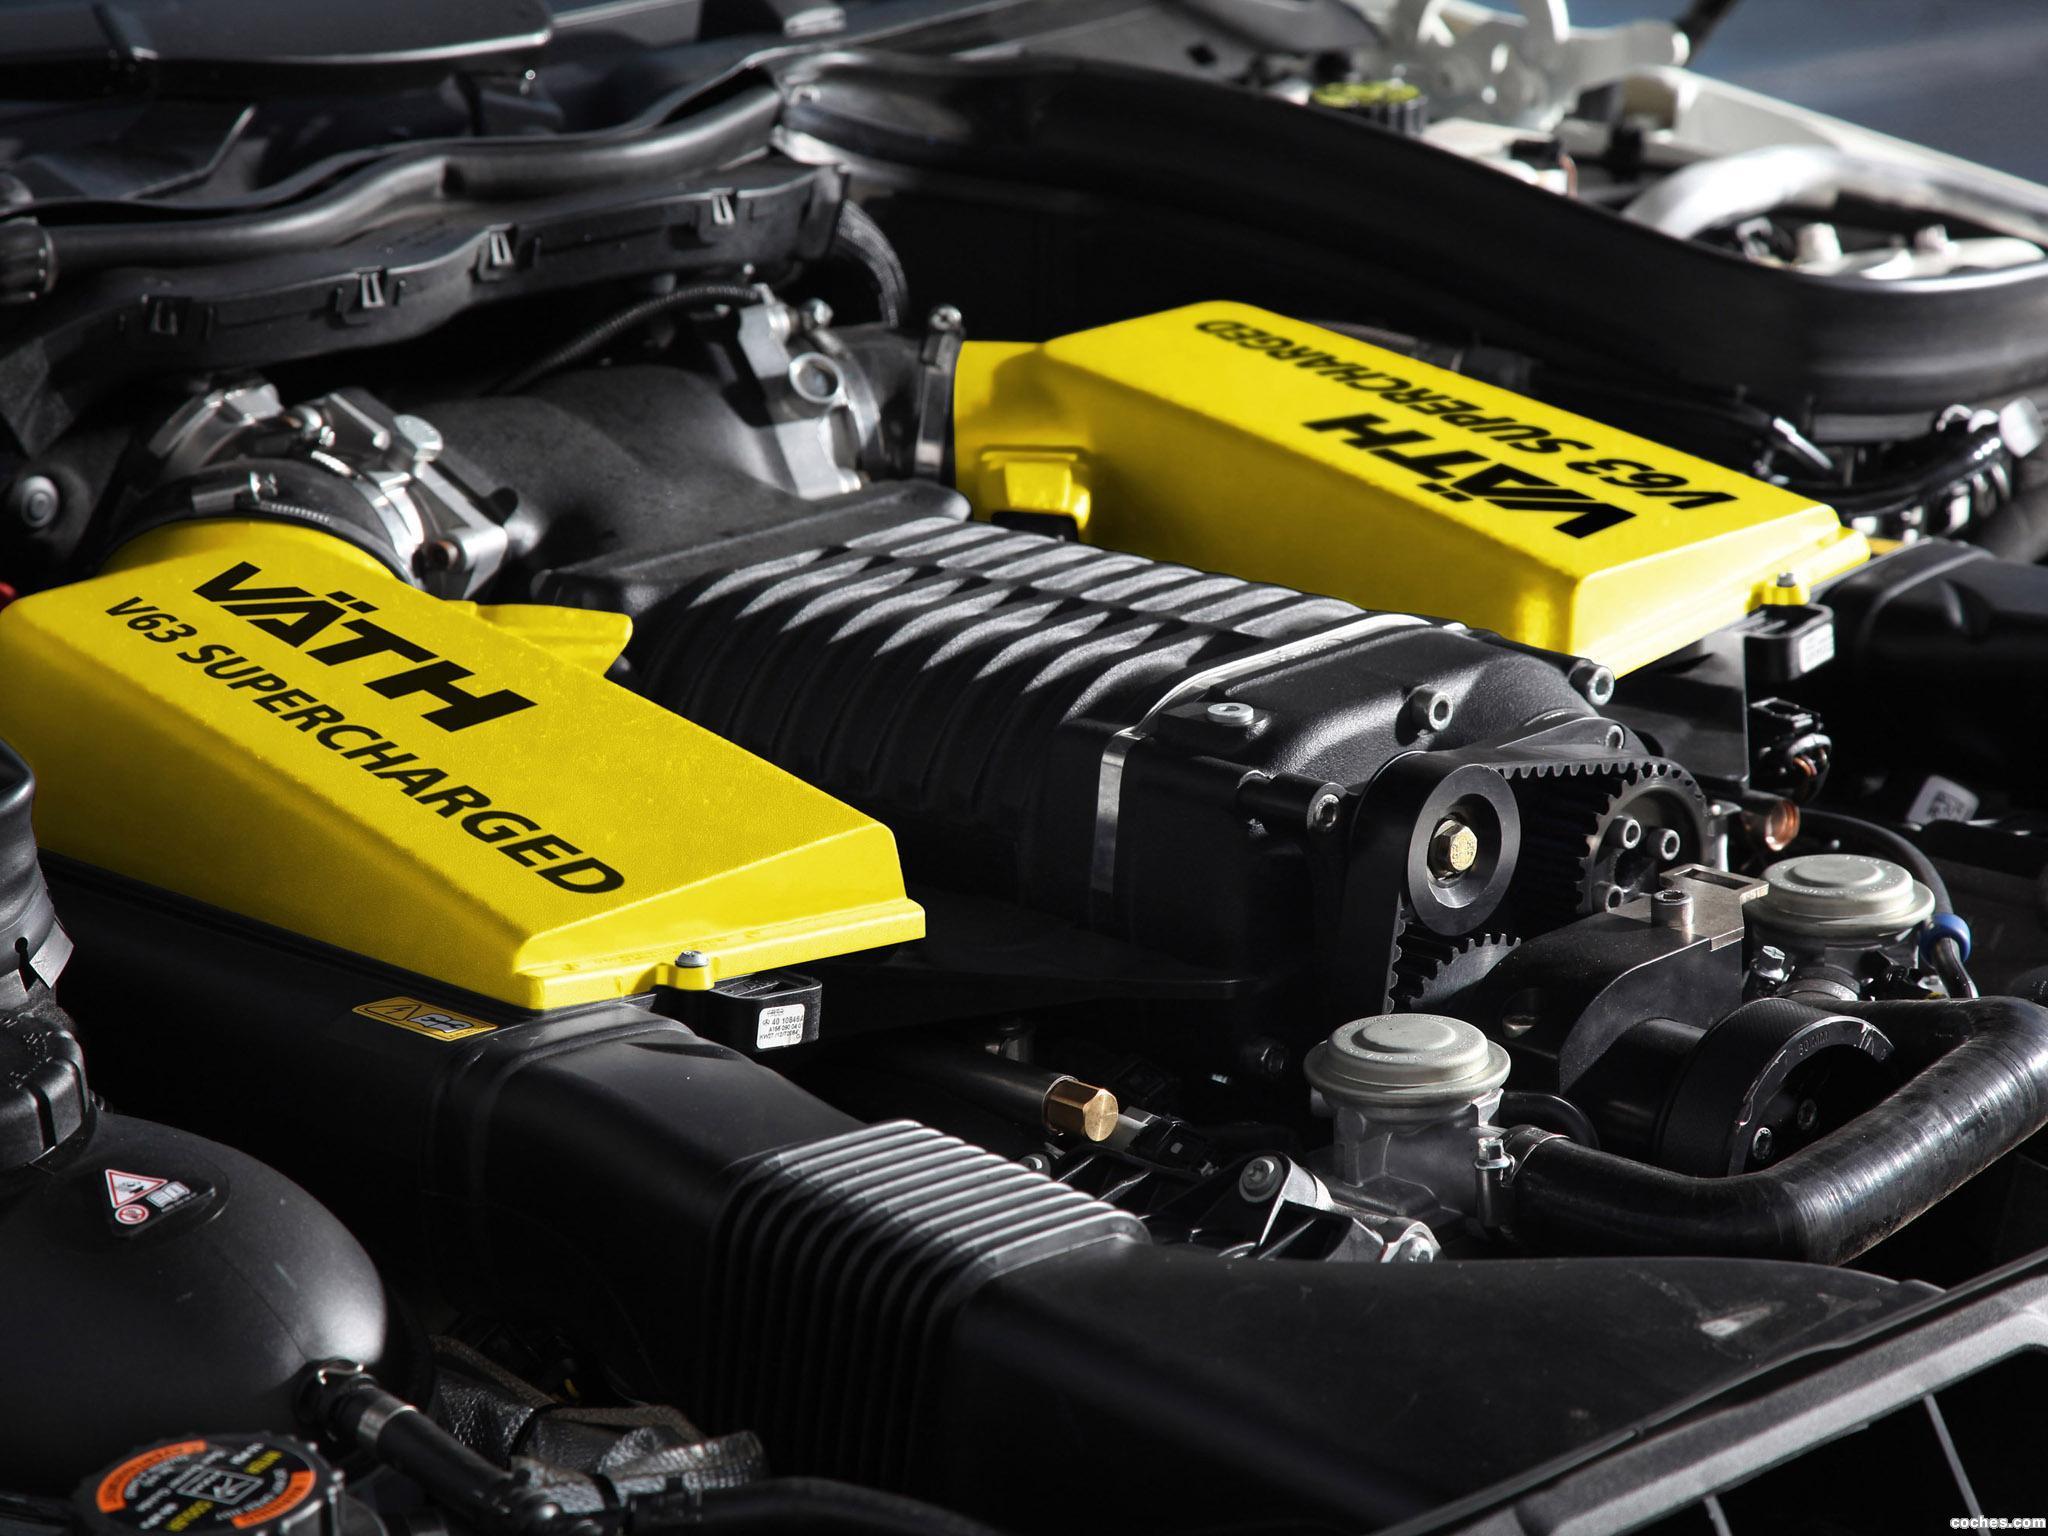 Foto 7 de Mercedes Vath AMG Clase C Coupe Black V63 Supercharged C204 2012